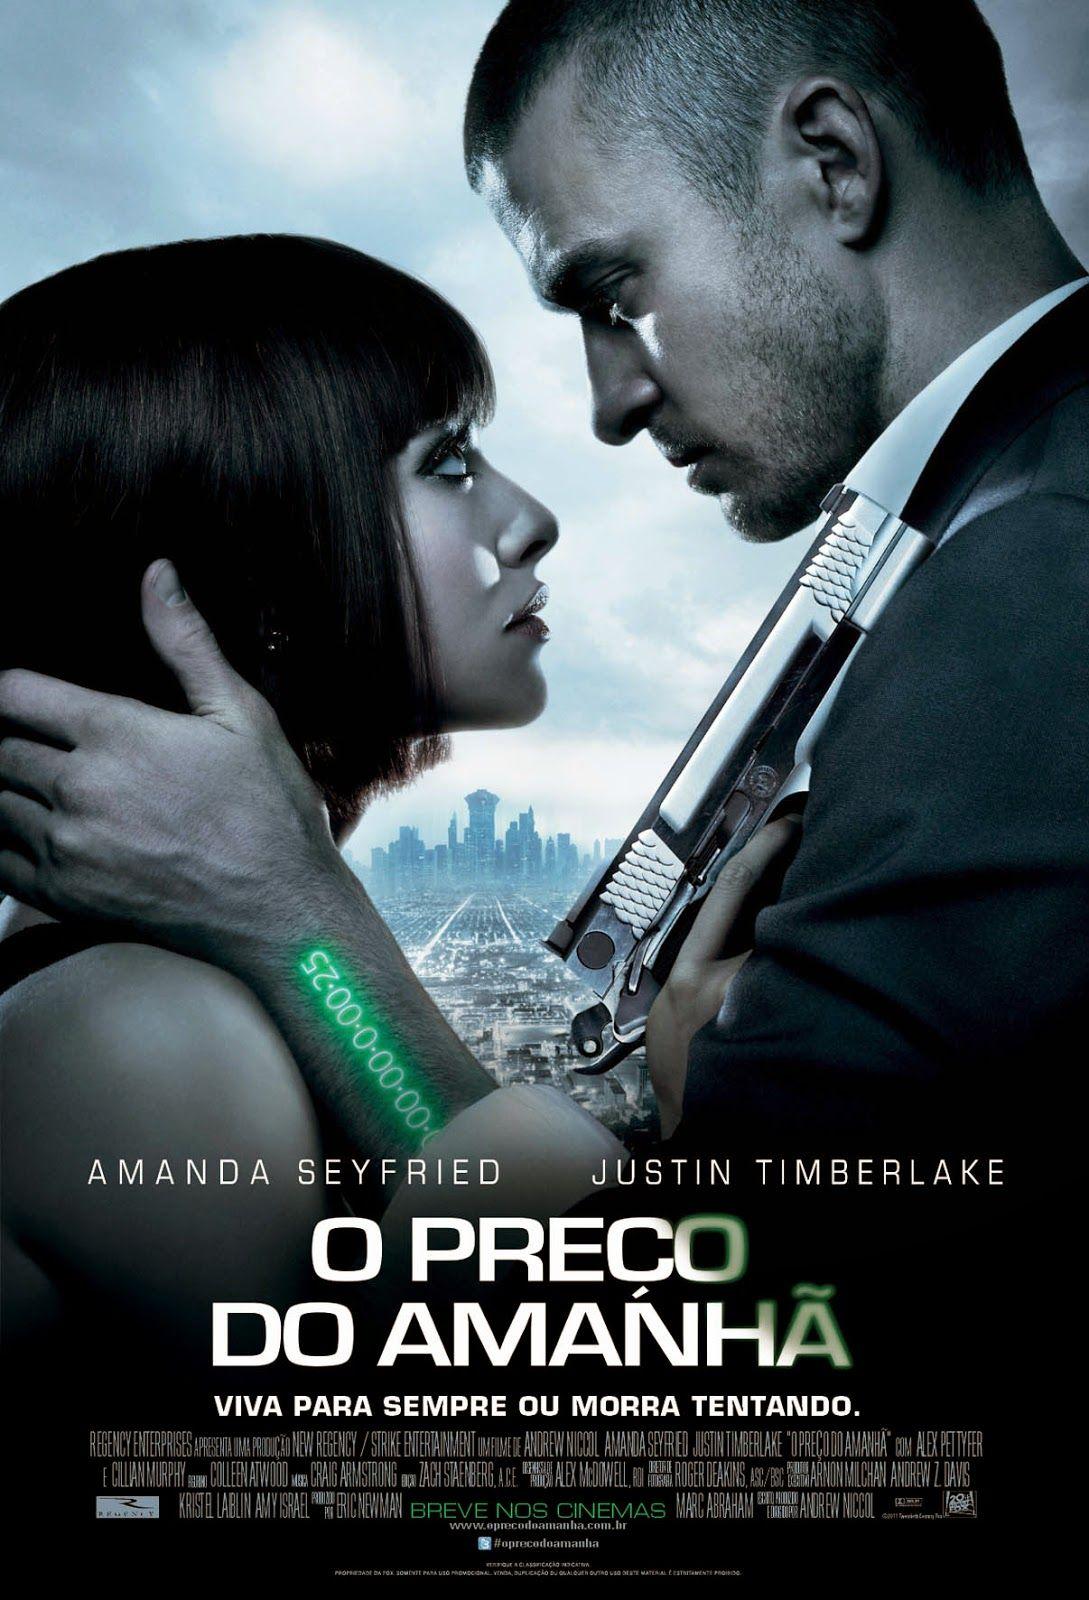 O Preco Do Amanha Filme Online Dublado 720p Filmes Online